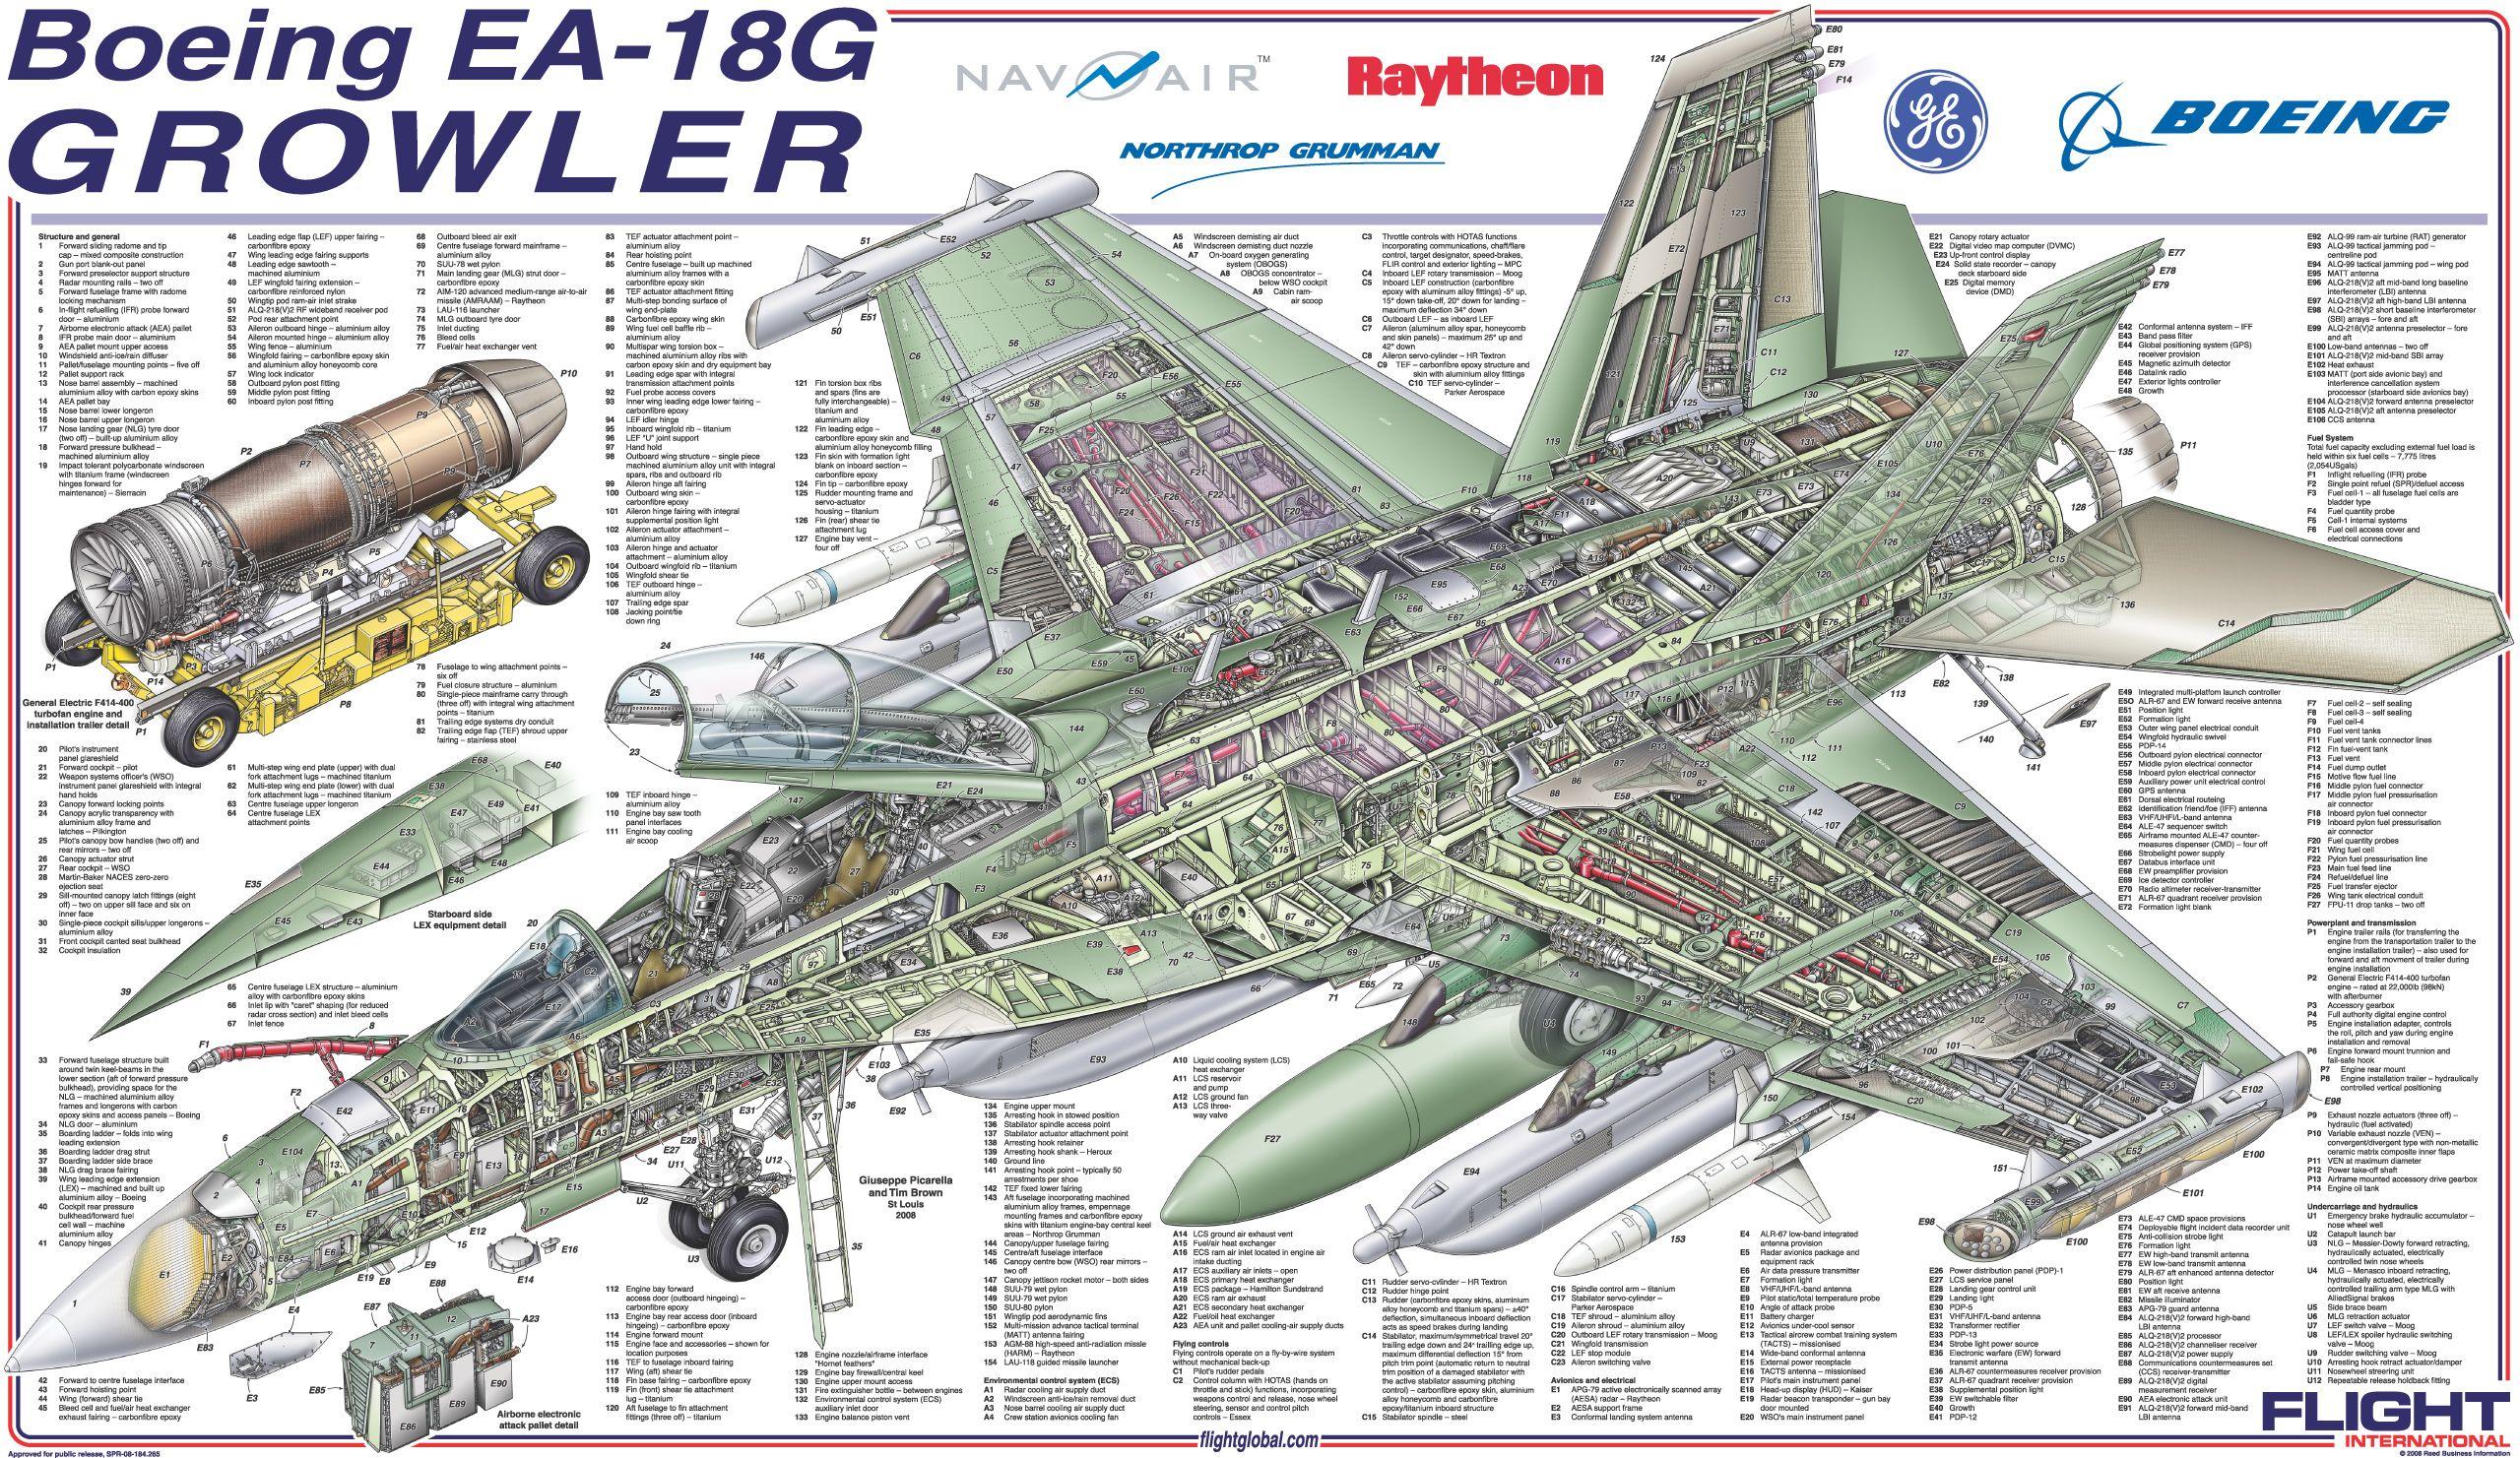 hornet anatomy diagram ibanez rg 320 fm wiring gigantesco porta aviões hms queen elizabeth é lançado na